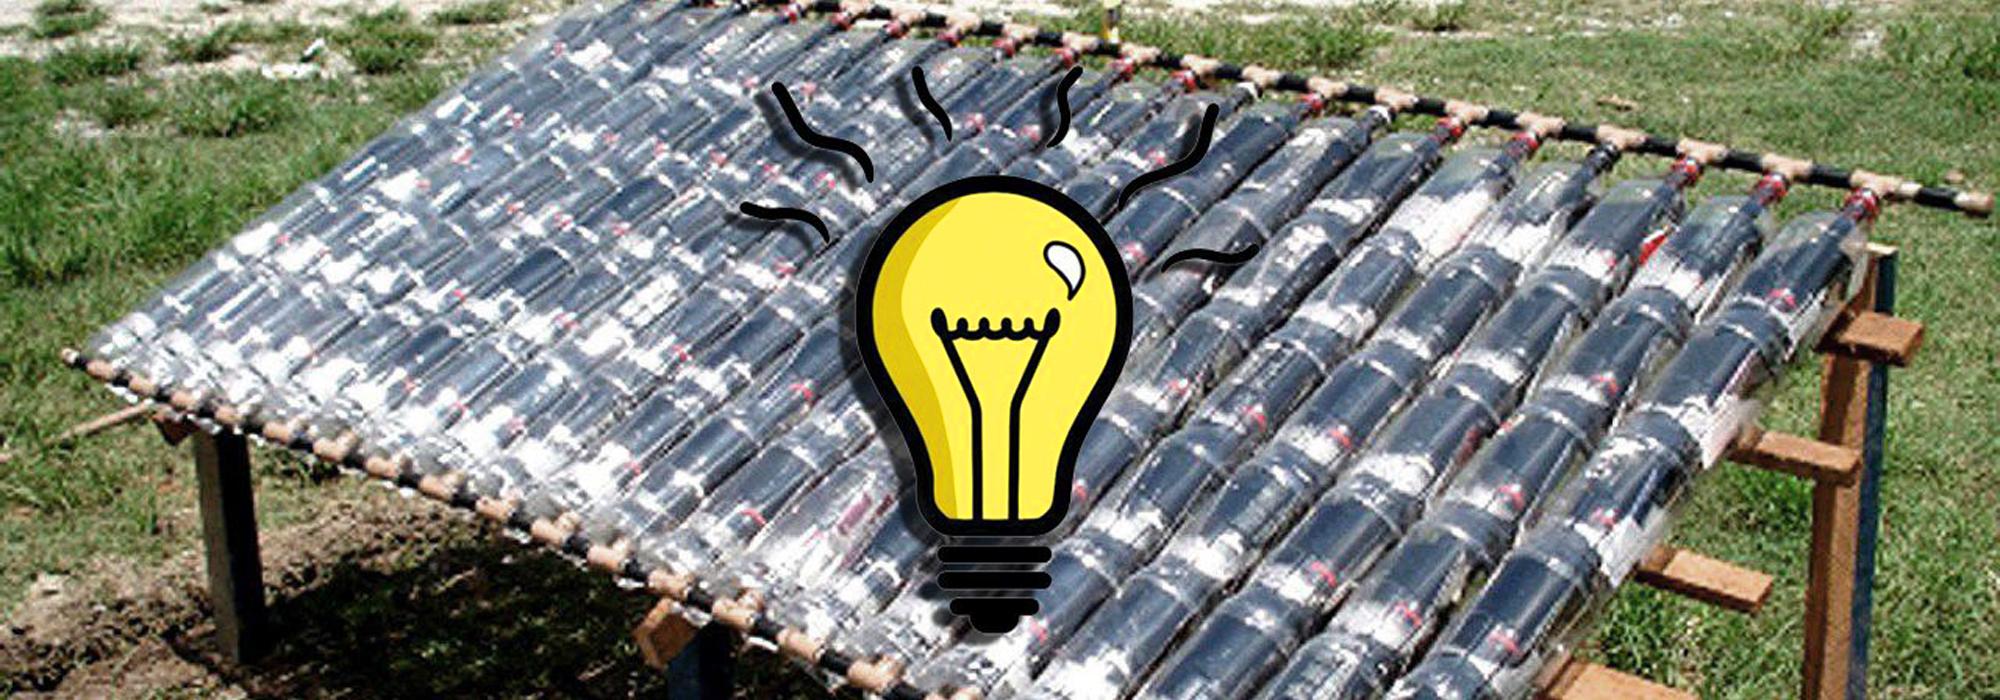 Крыша из пластиковых бутылок своими руками: как сделать, фото и видео